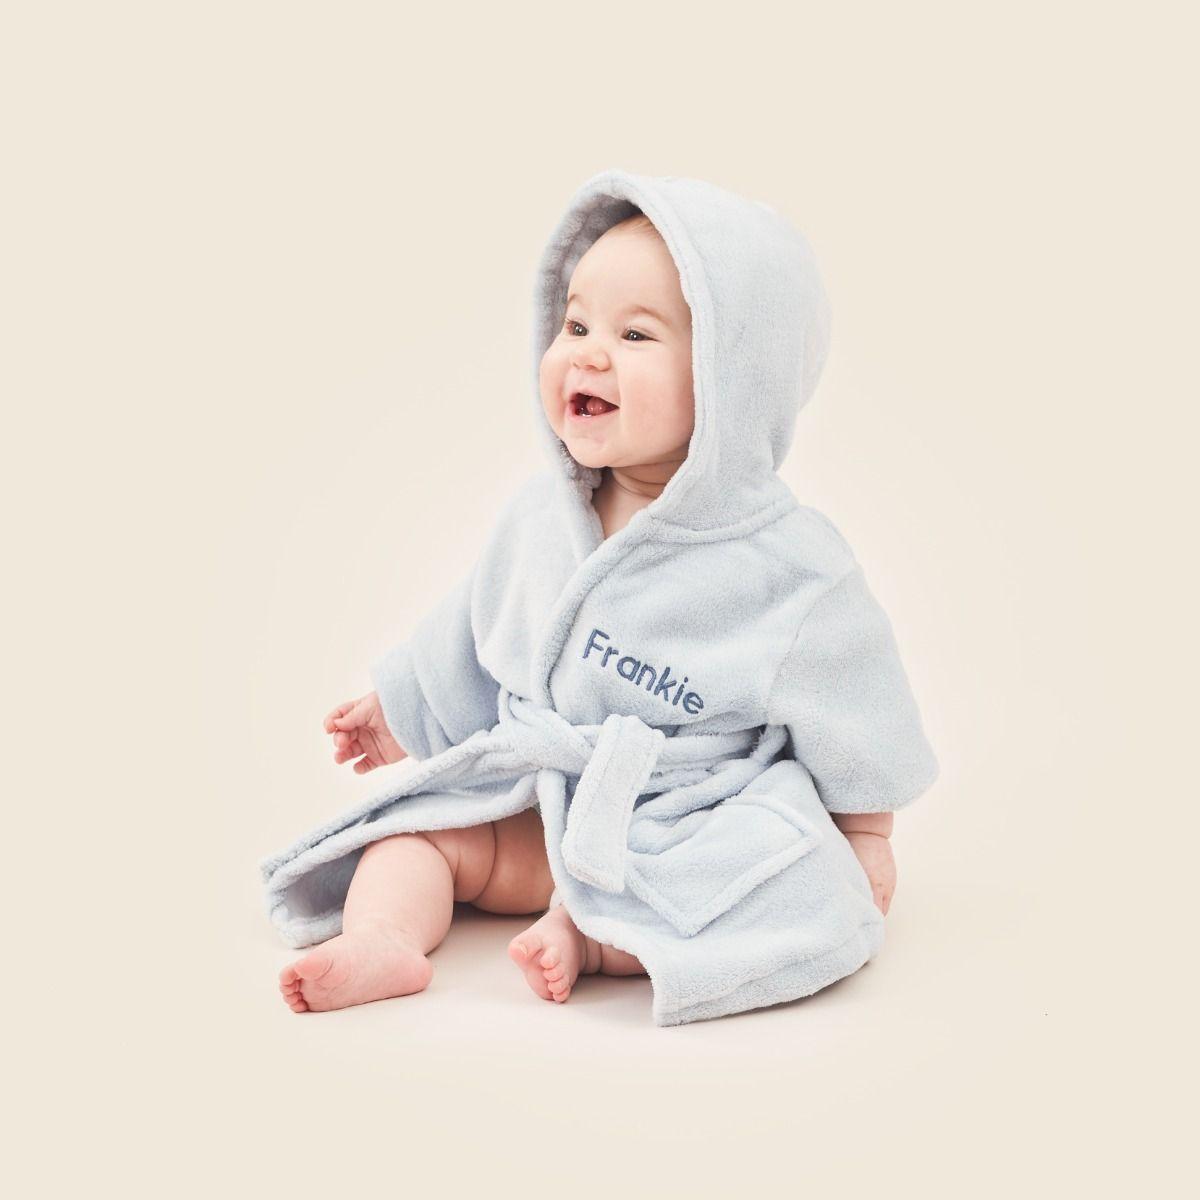 Personalized Blue Hooded Fleece Robe